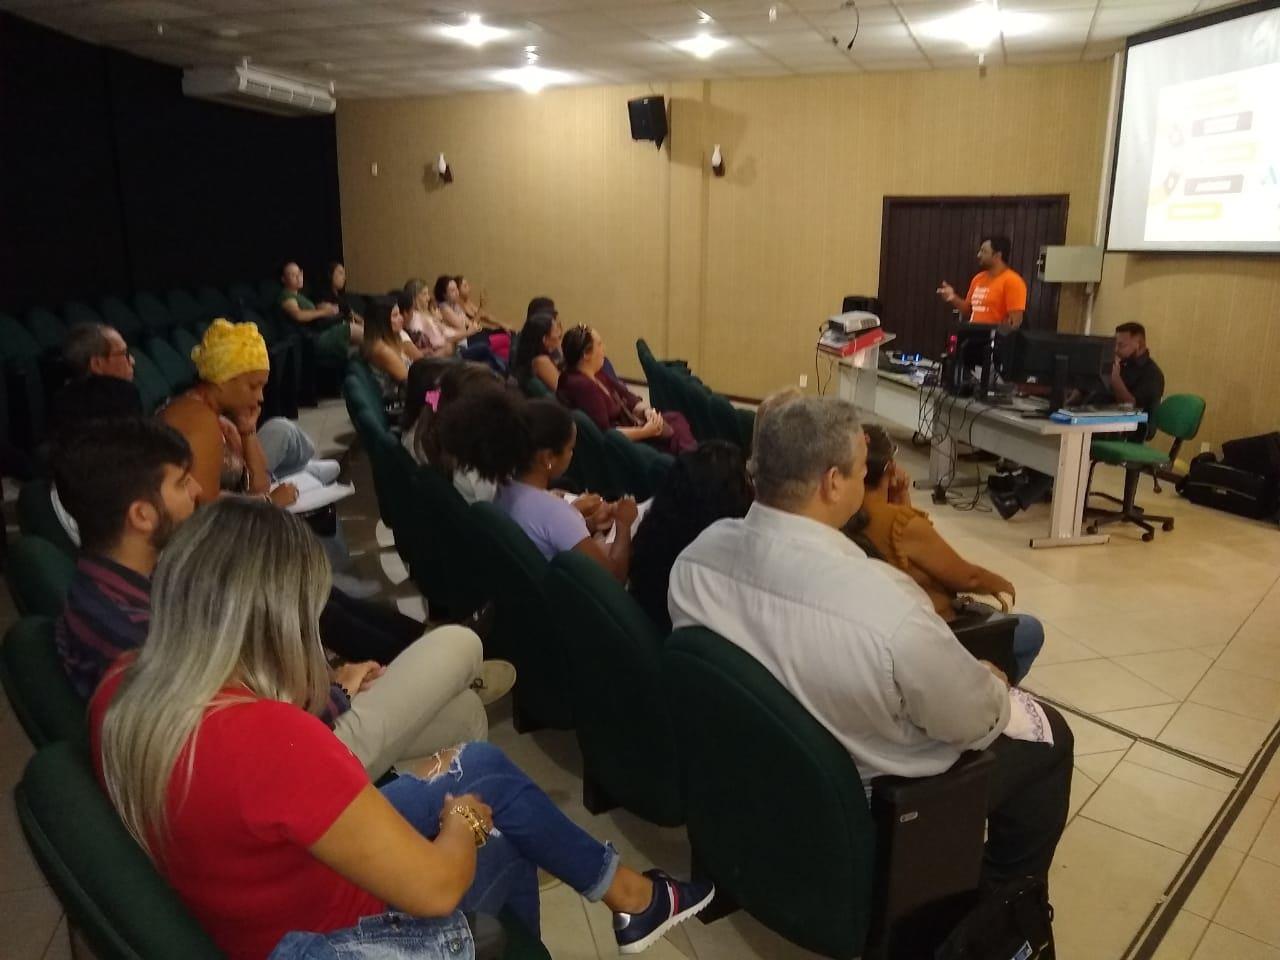 Palestras & Workshops